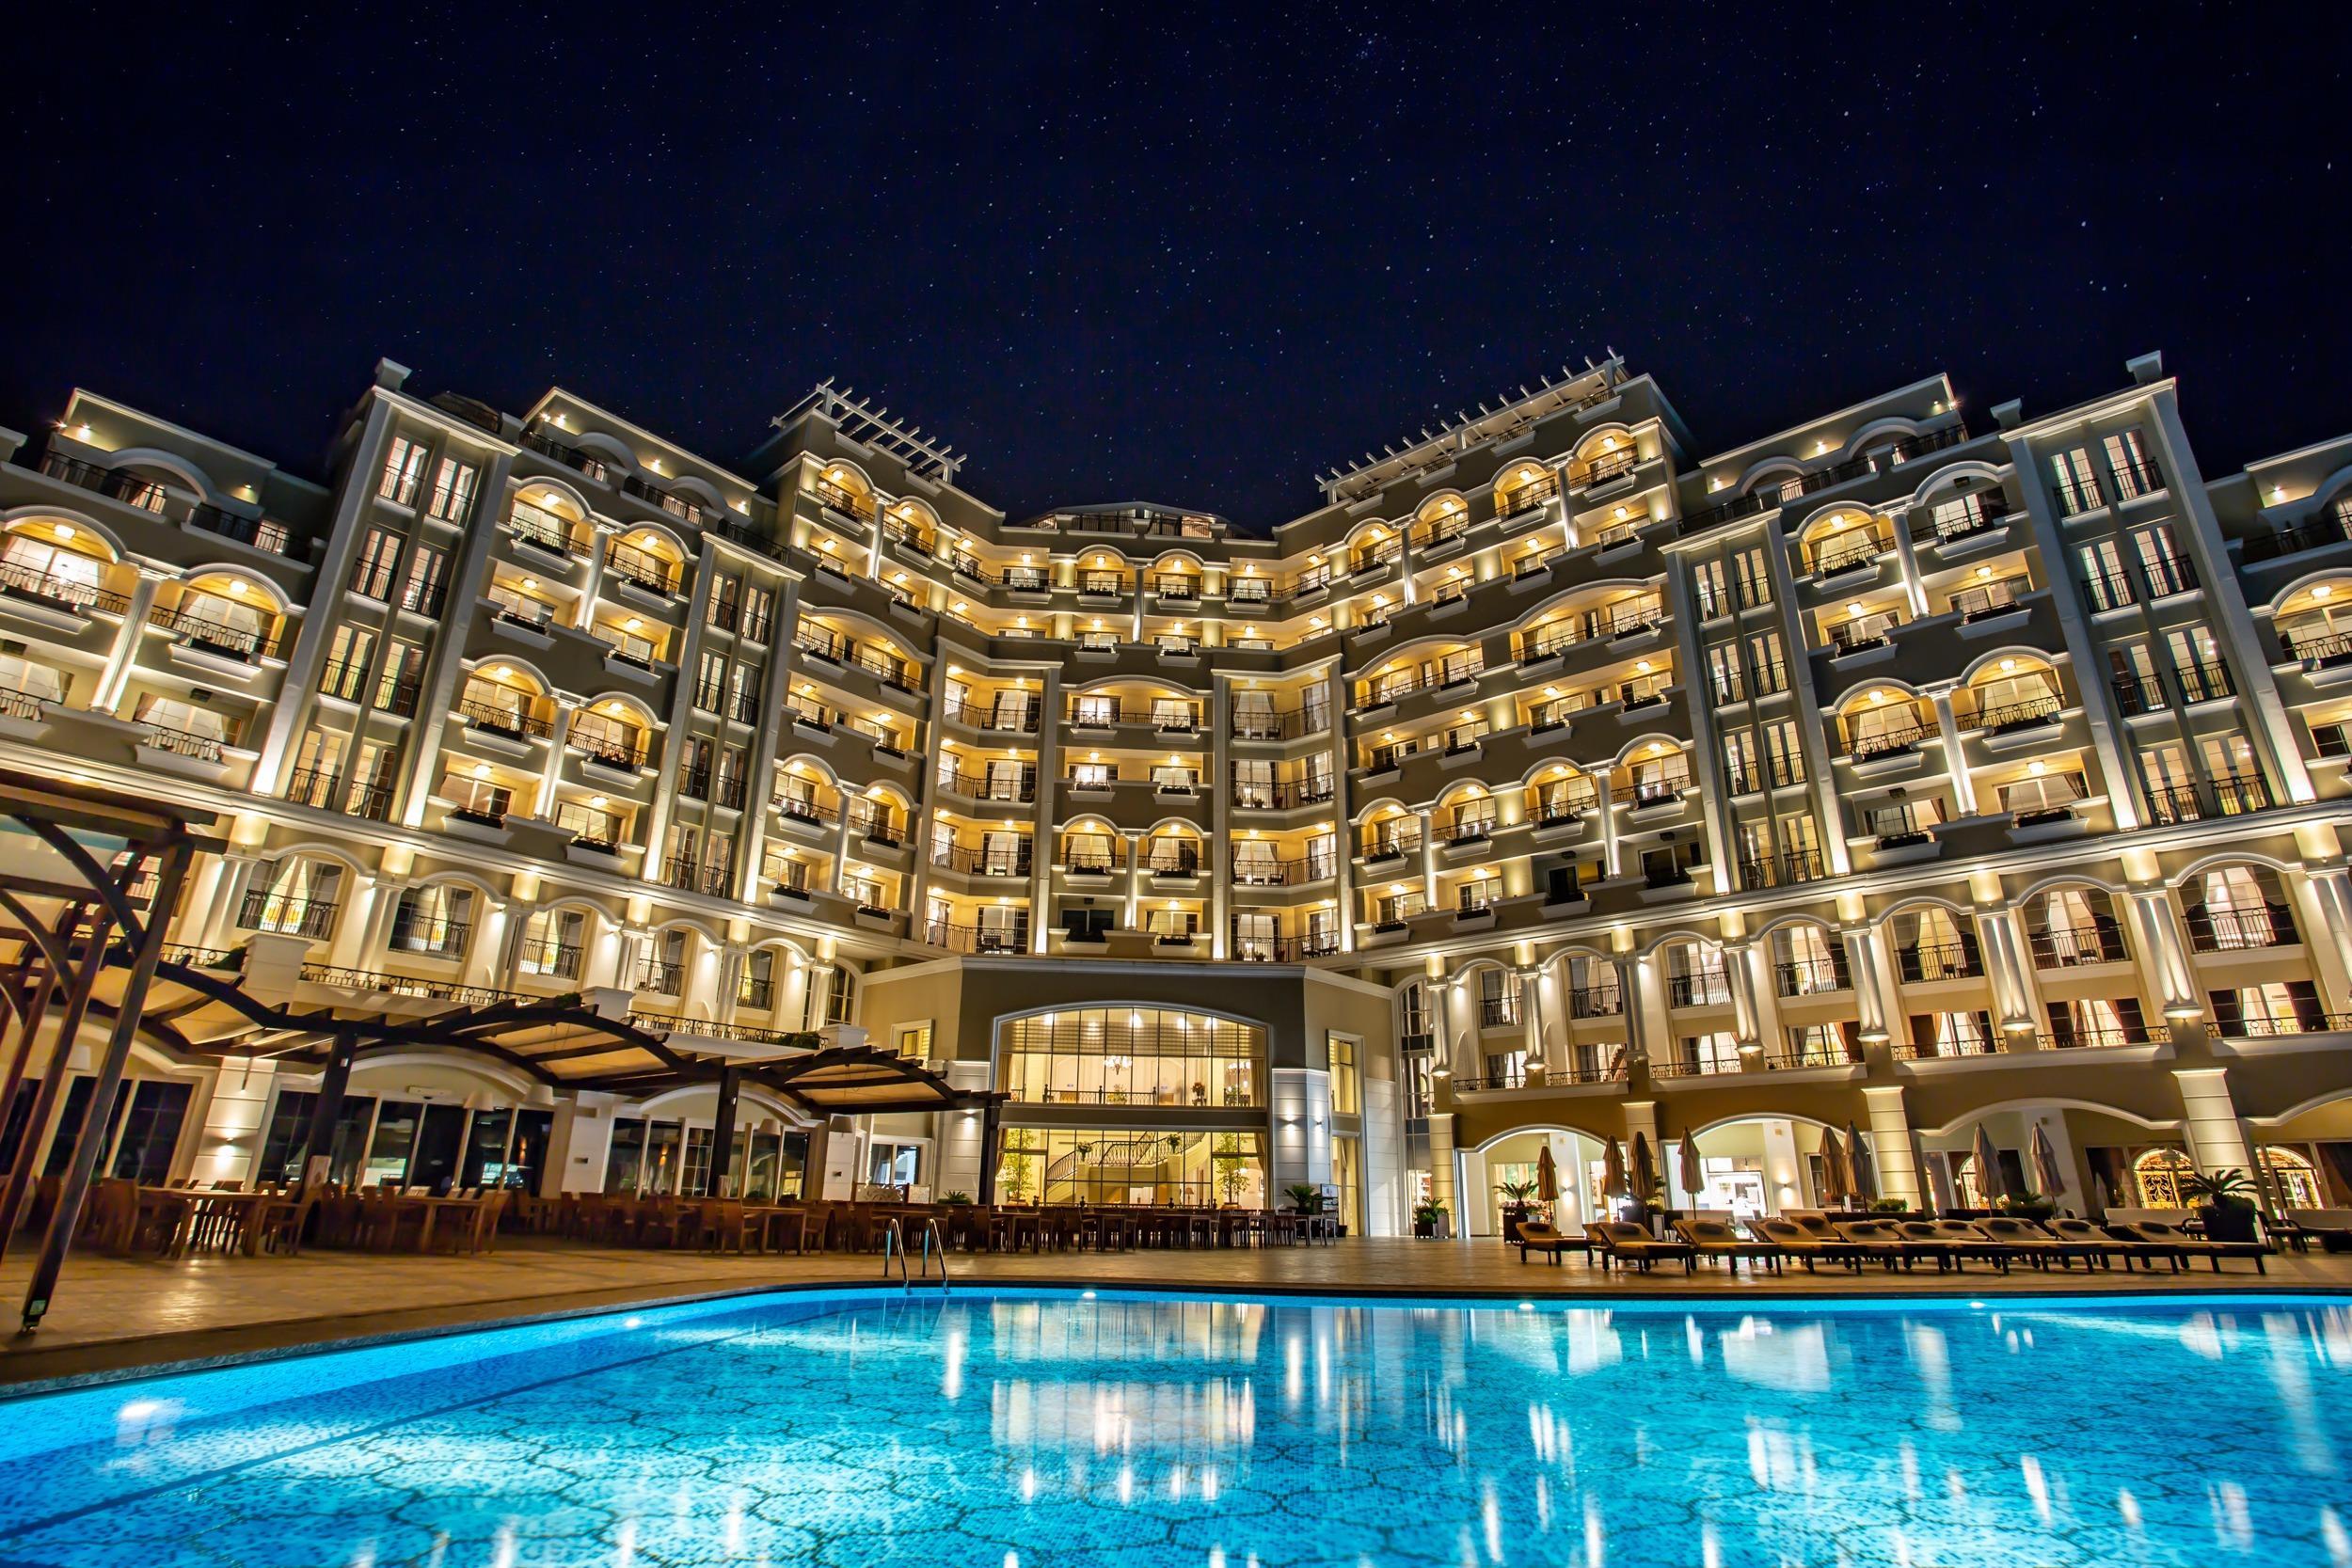 gece otel bina görünüşü